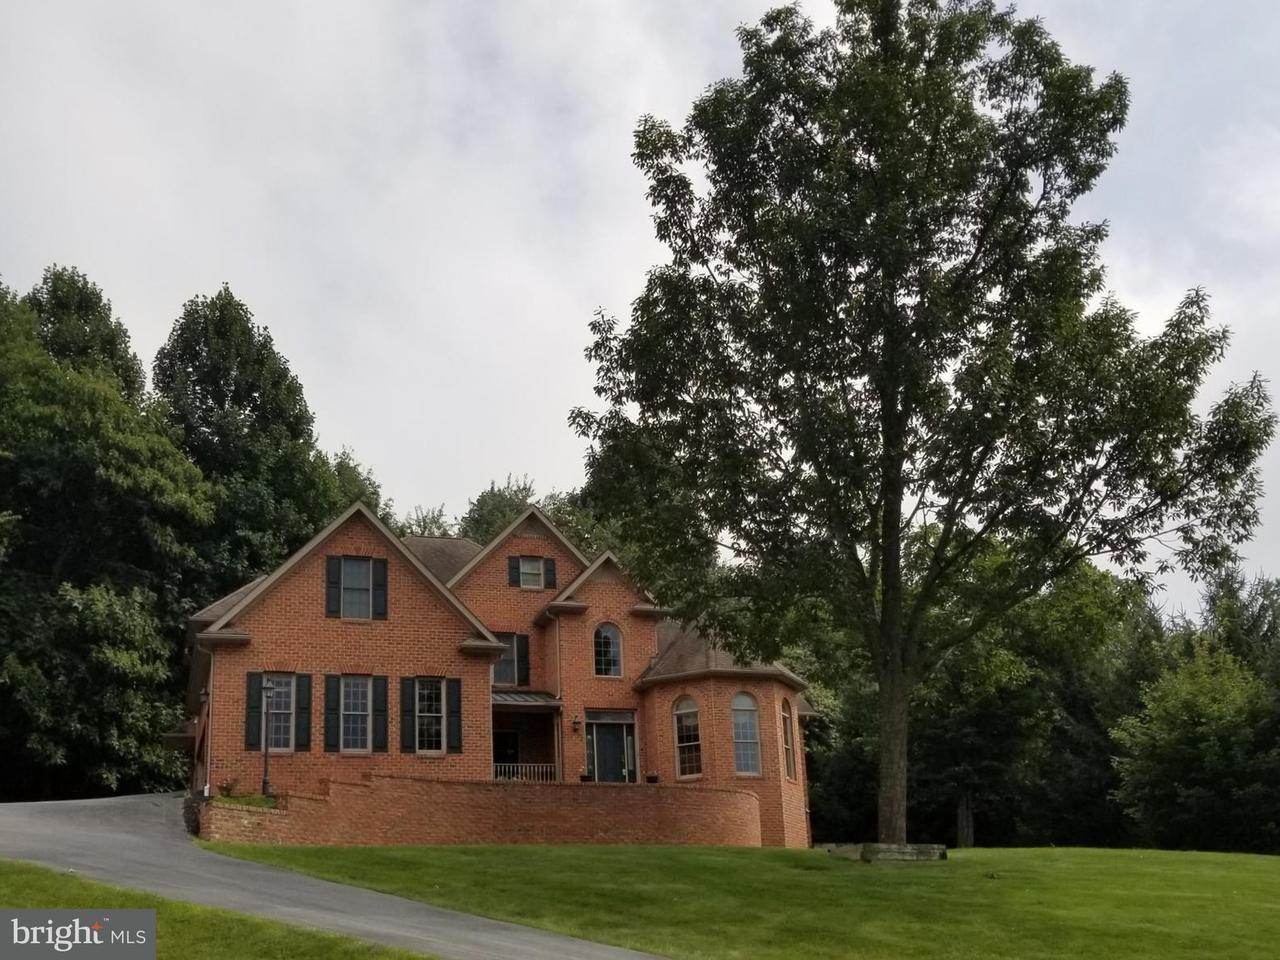 Μονοκατοικία για την Πώληση στο 11305 Weatherstone Drive 11305 Weatherstone Drive Waynesboro, Πενσιλβανια 17268 Ηνωμενεσ Πολιτειεσ